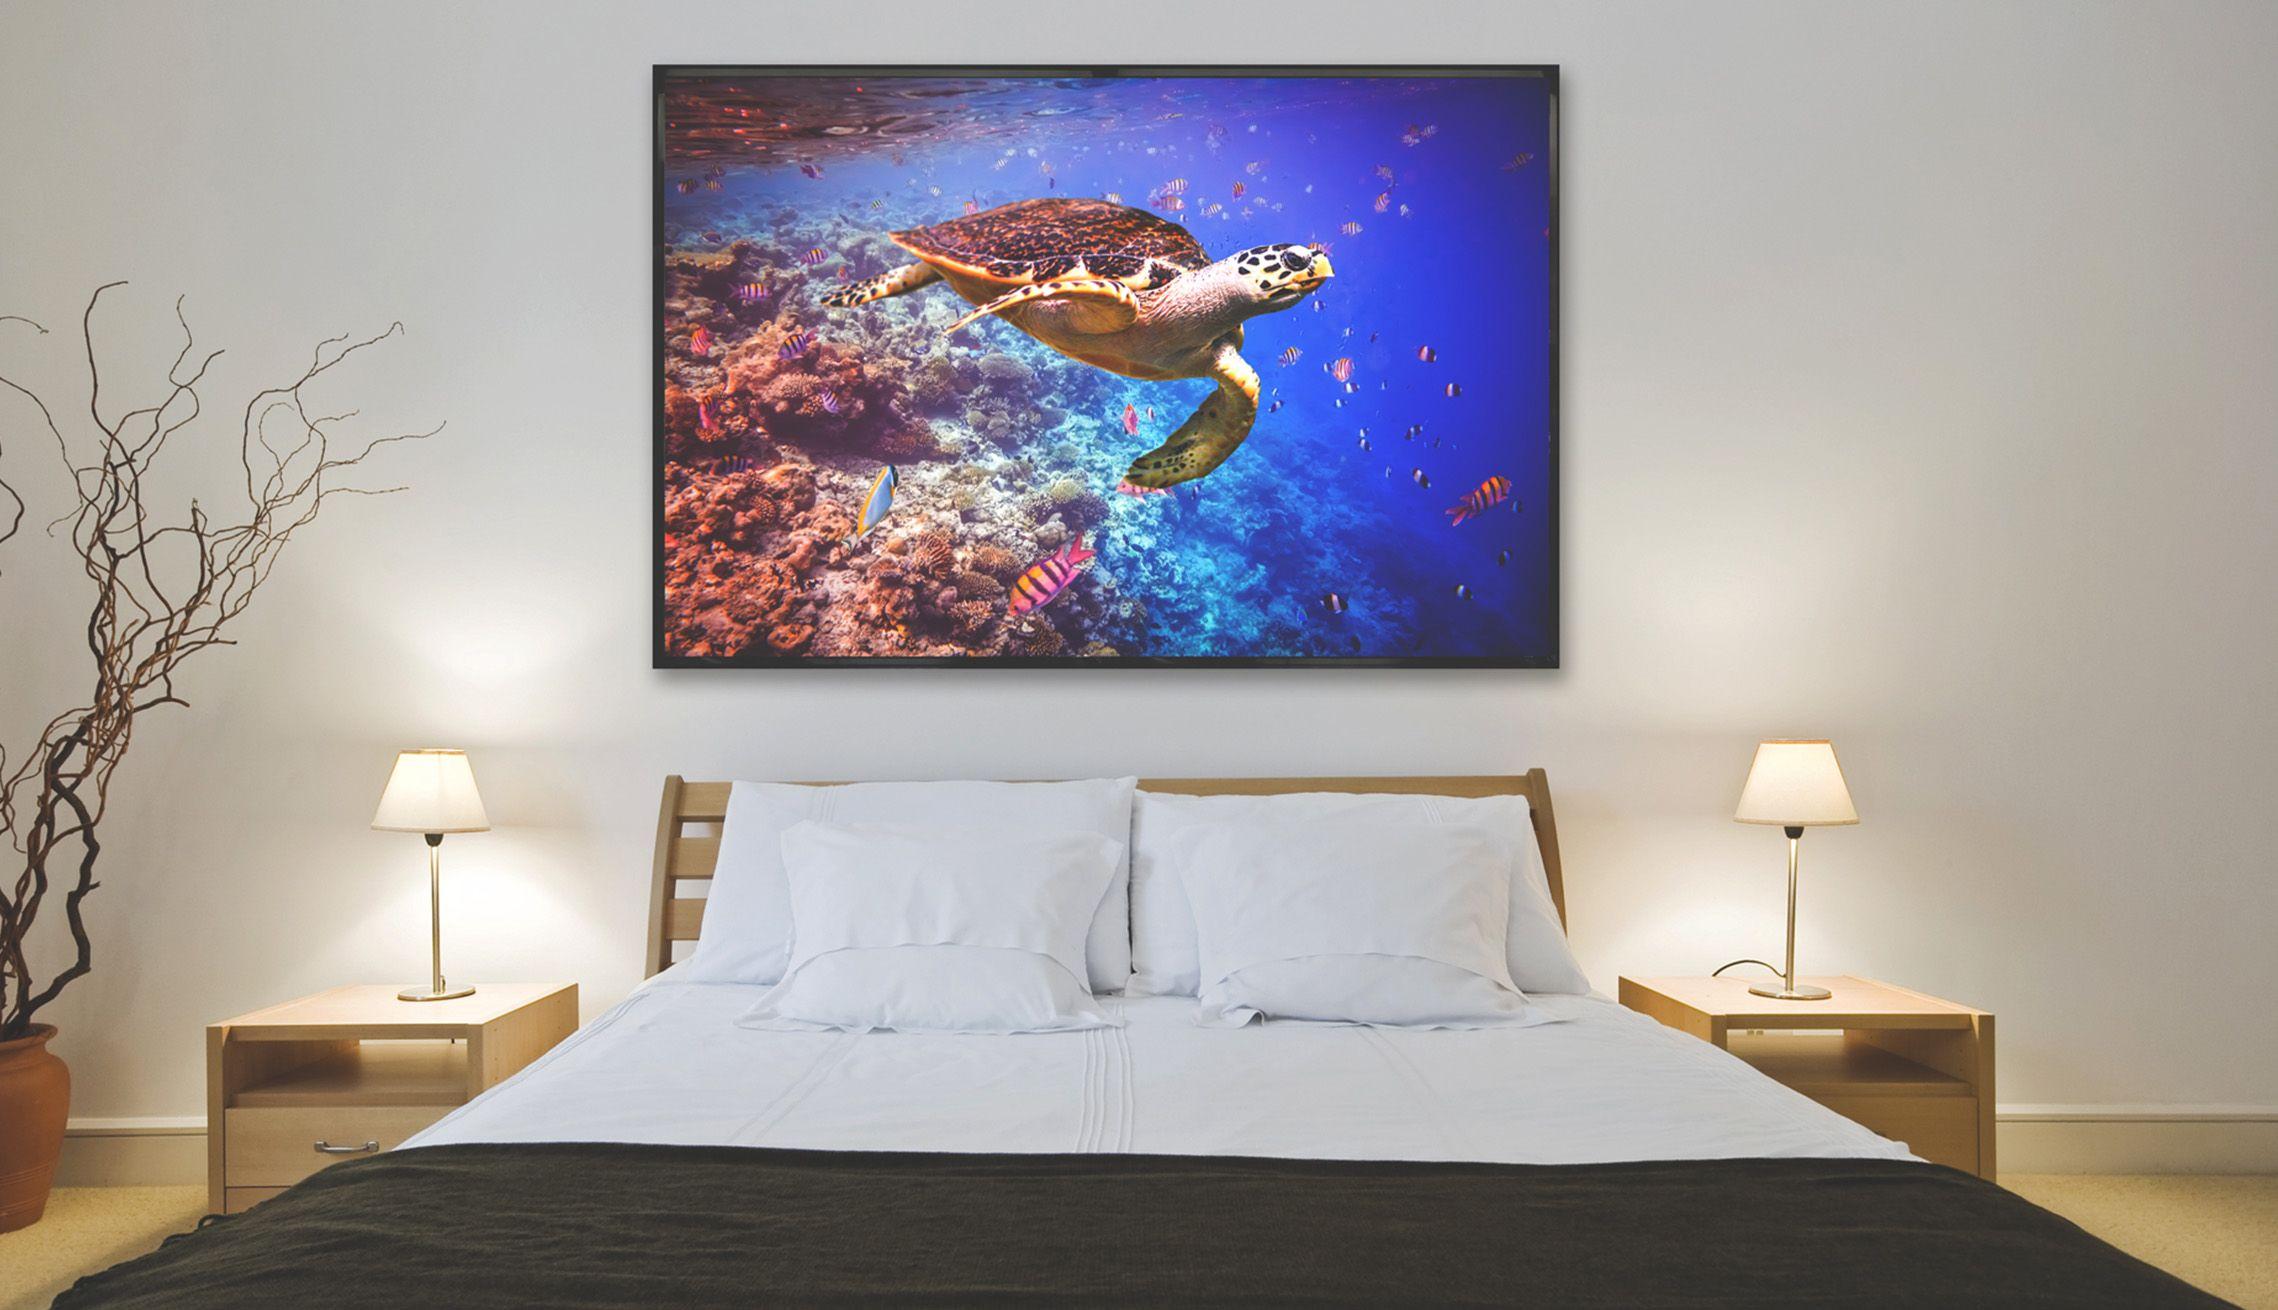 lumisky beleuchtetes bild led lichtdecken. Black Bedroom Furniture Sets. Home Design Ideas